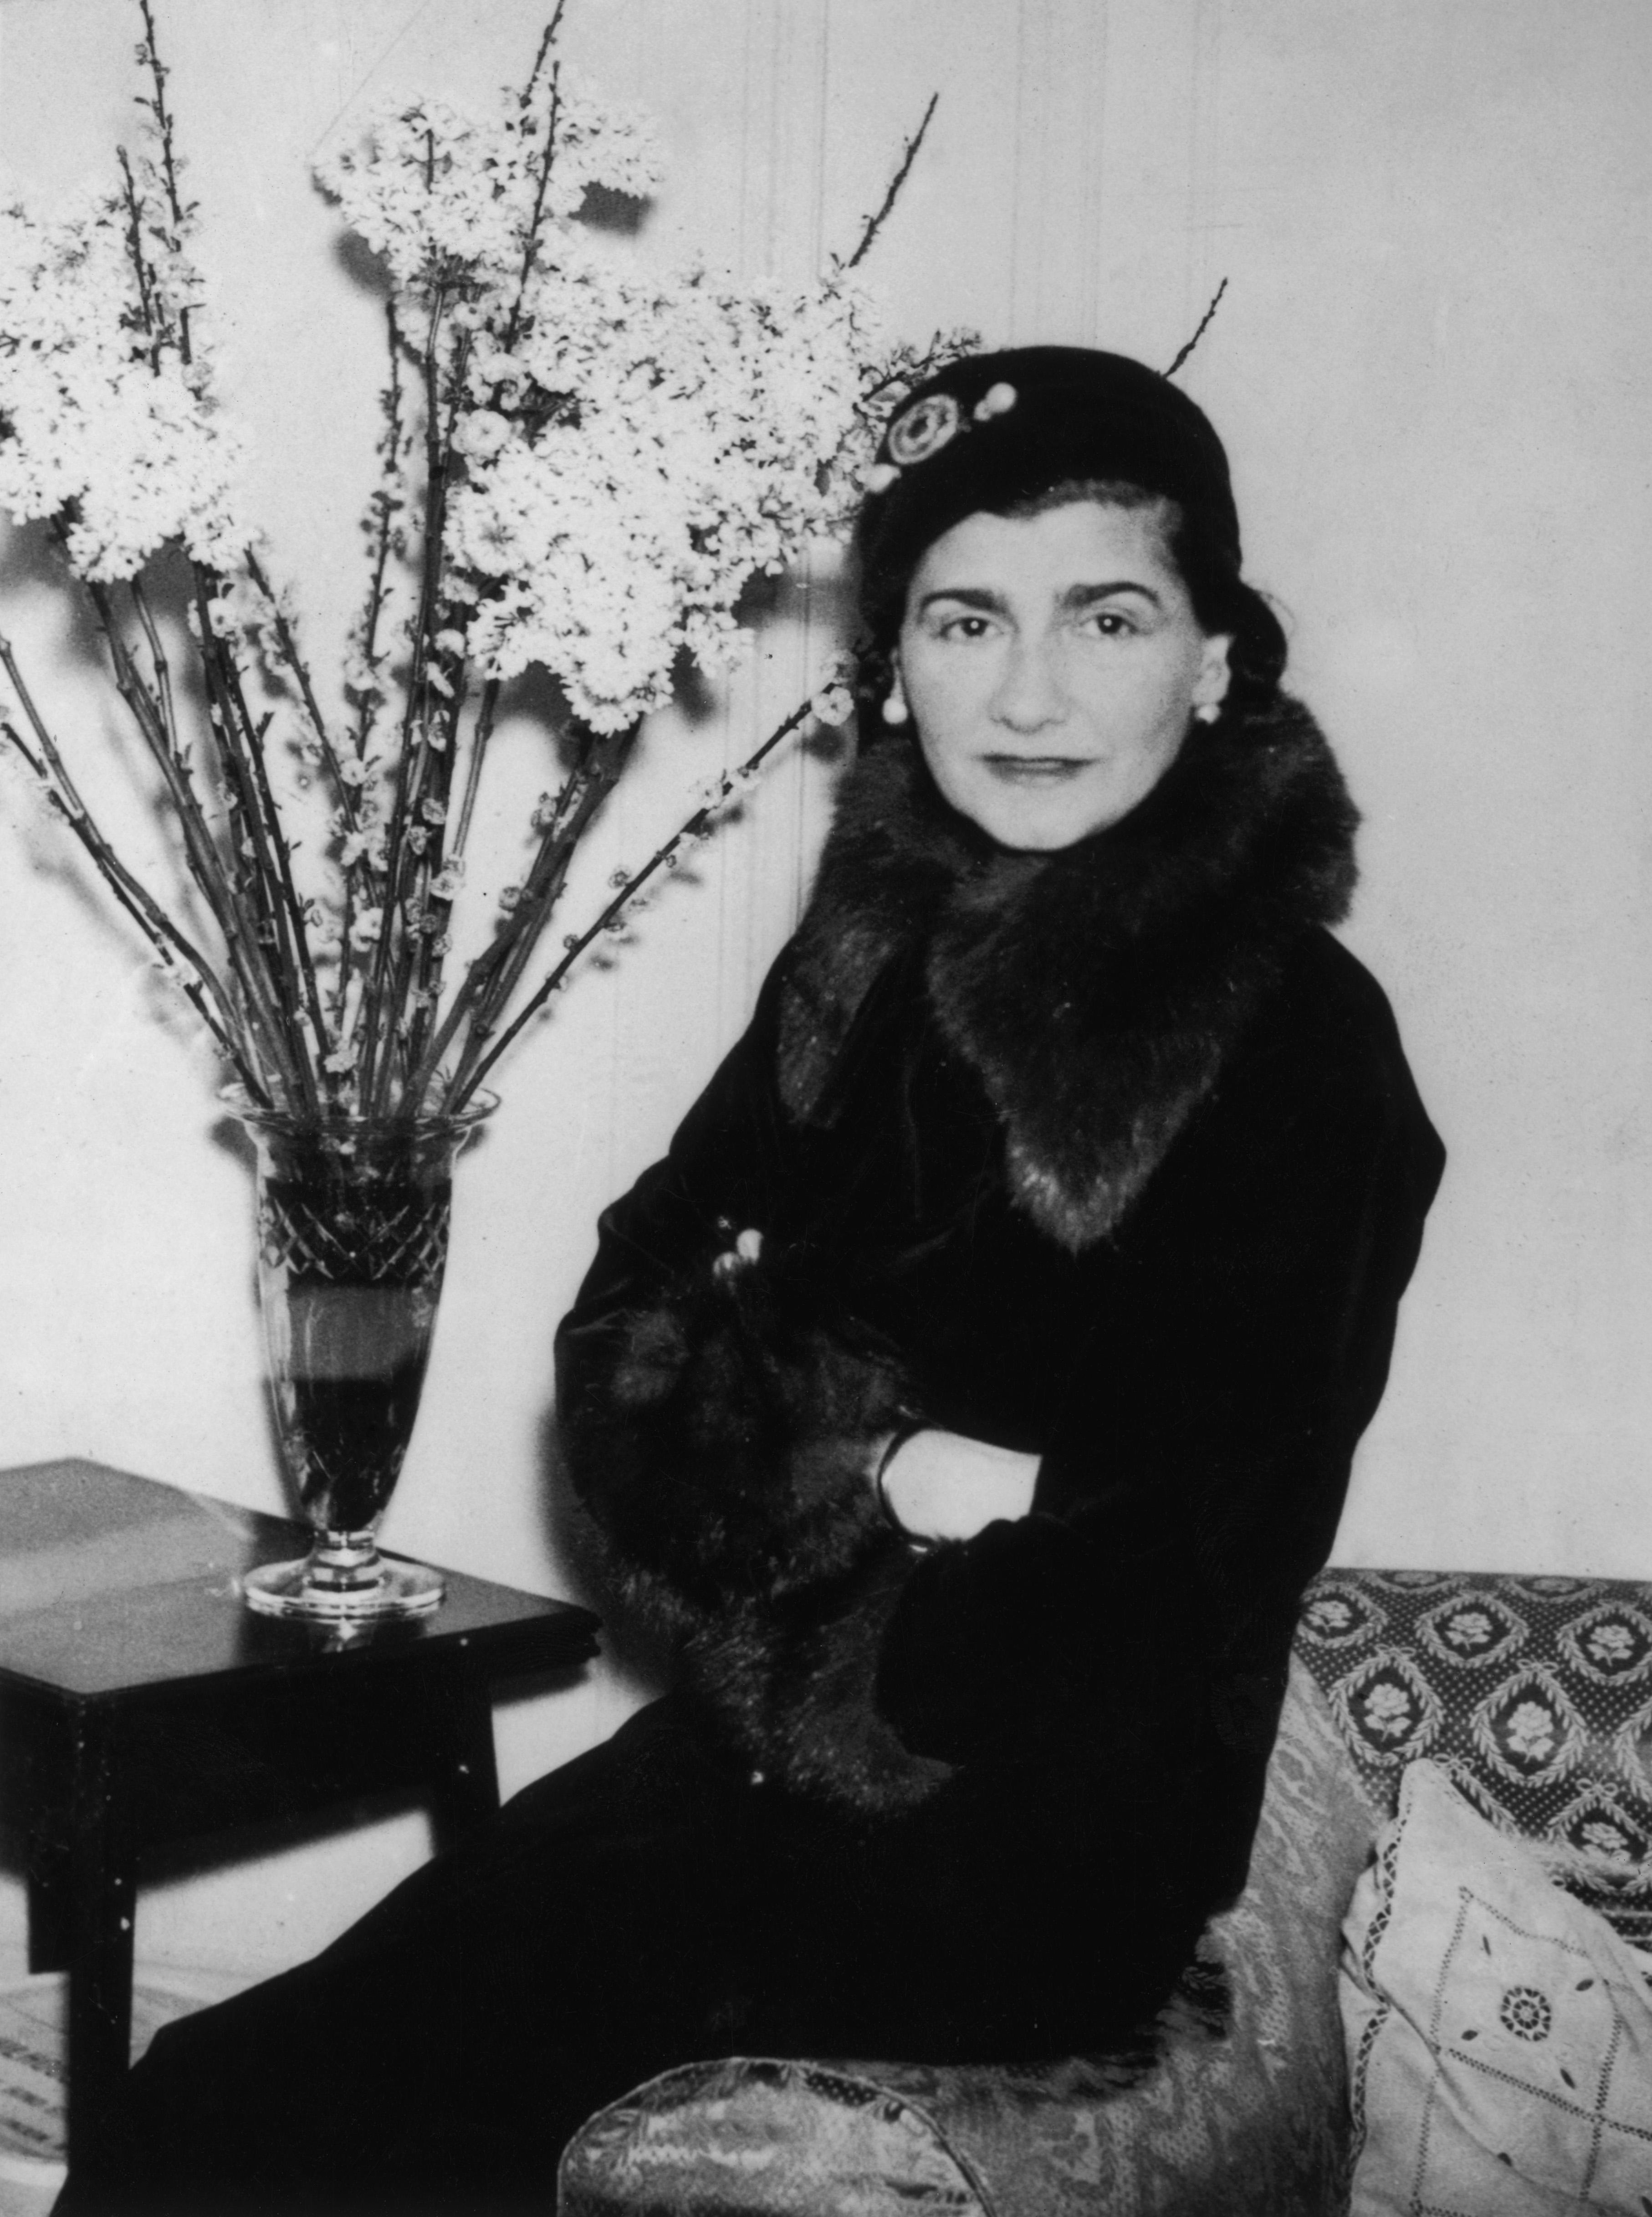 Коко Шанеле модернистка, революционизирала женскатамодас включване в нея на мъжки елементи, една от най-влиятелните фигури в модата на 20 век. Определяна е като пионер в модата.Благодарение на въздействието, което Коко Шанел оказва върху модата като цяло,списаниеTIMEя включва в класацията за 100-те най-влиятелни личности на 20 век, единственият представител от света на модата в класацията.